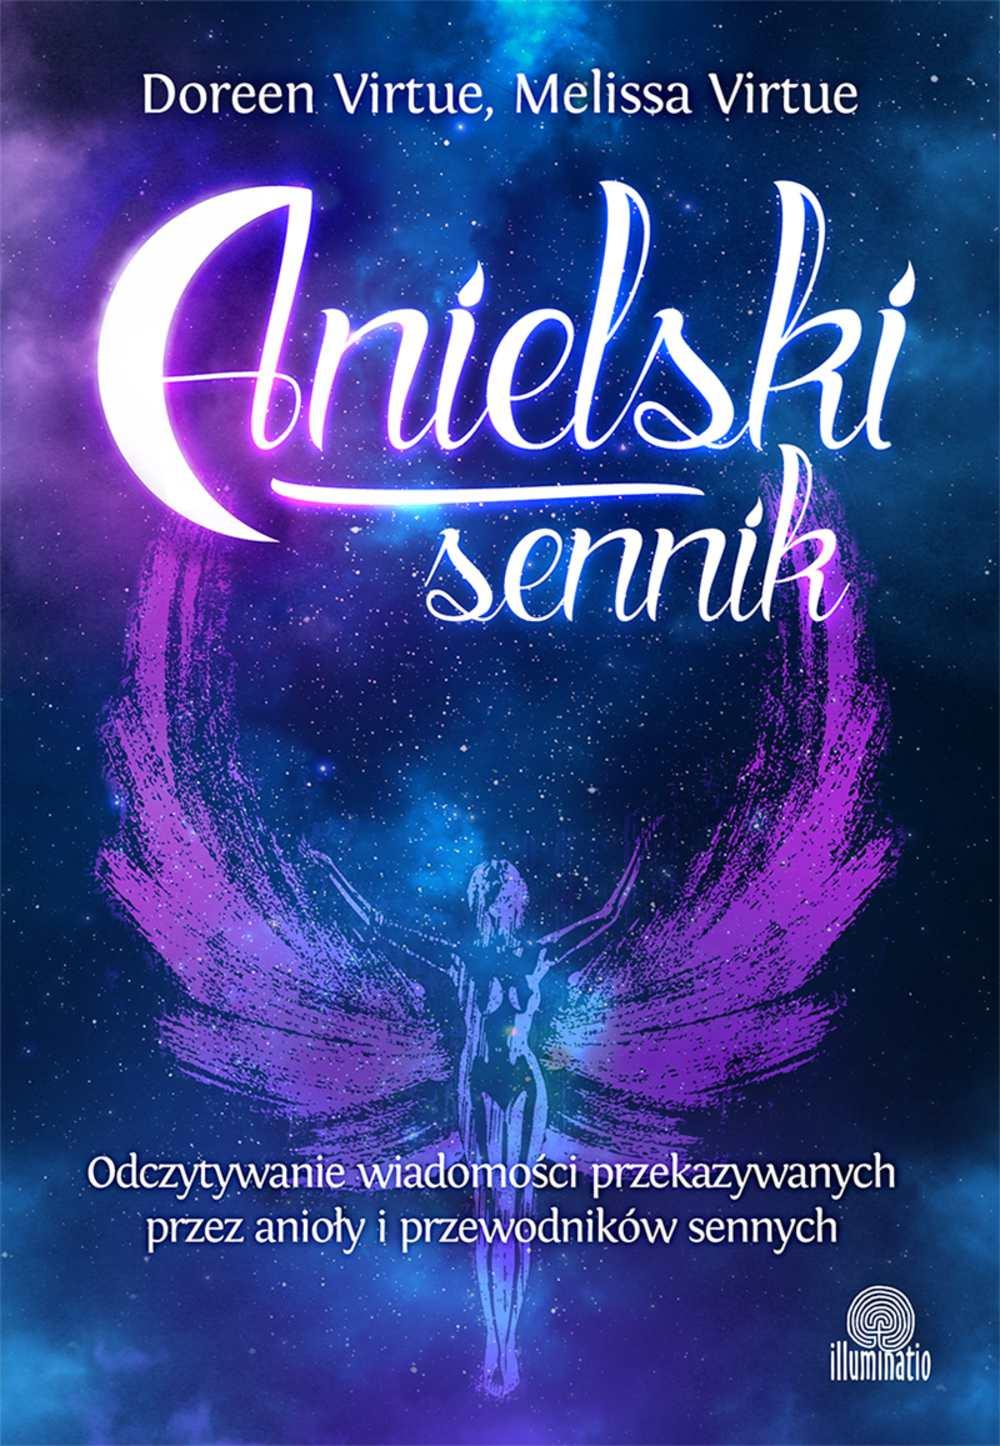 Anielski sennik. Odczytywanie wiadomości przekazywanych przez anioły i przewodników sennych - Ebook (Książka EPUB) do pobrania w formacie EPUB